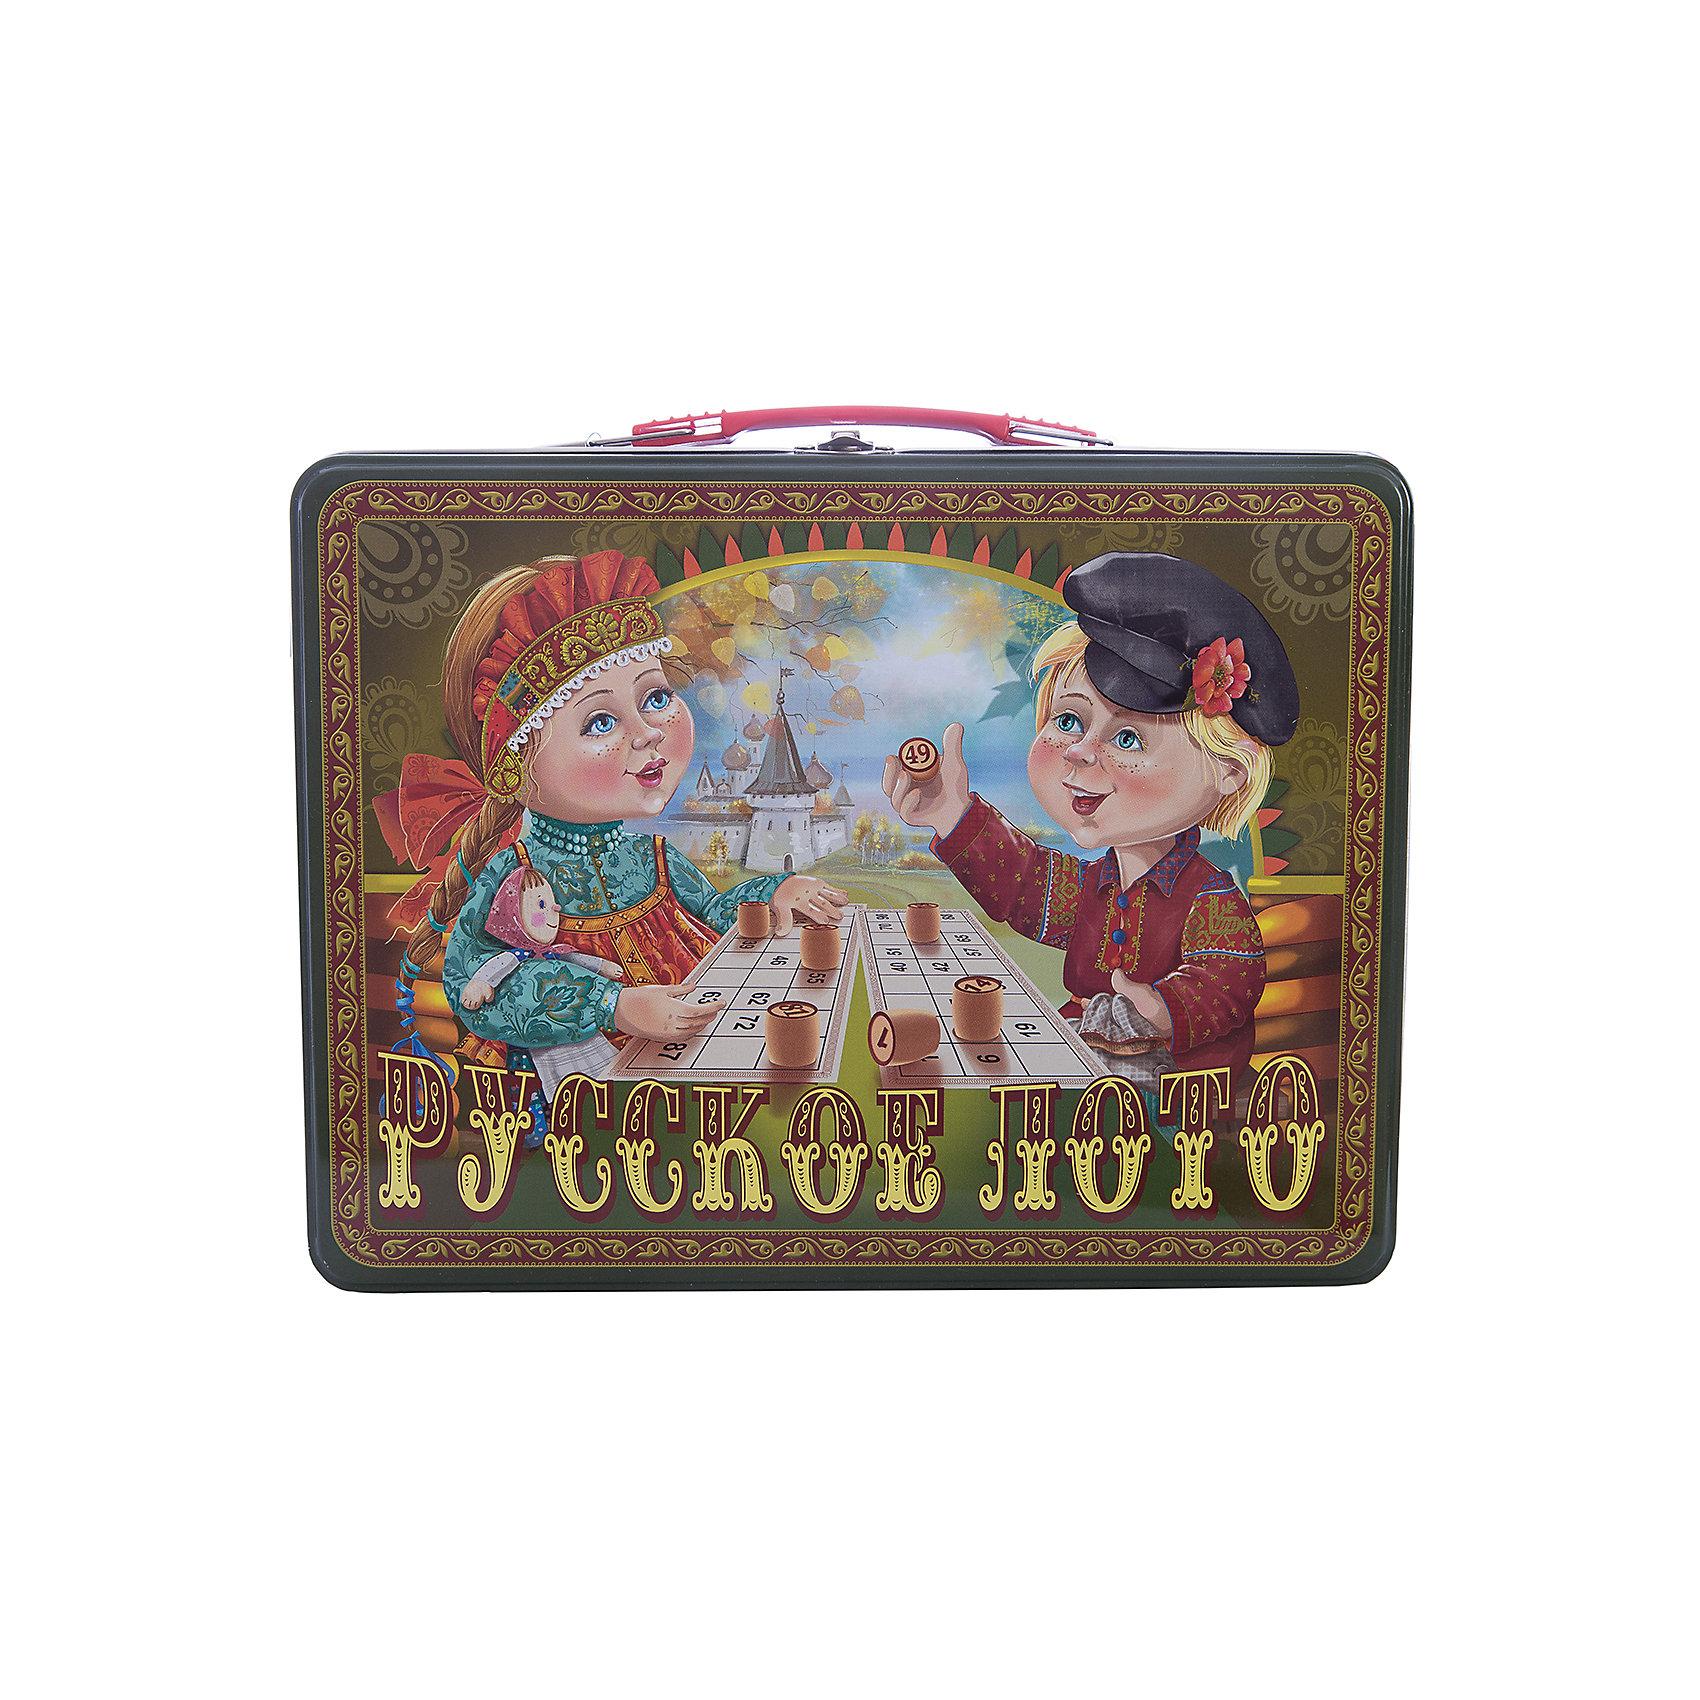 Русское лото в чемоданчике Посиделки, Десятое королевствоЛото<br>Русское лото в чемоданчике Посиделки, Десятое королевство<br><br>Характеристики: <br><br>• Возраст: от 7 лет<br>• Материал: картон, пластик, дерево, текстиль<br>• В комплекте: 24 карточки, 90 бочонков, 150 жетонов, 2 мешочка, жестяной чемоданчик<br><br>Эта увлекательная старинная русская игра будет интересна детям от 7 лет. В комплекте идут 90 бочонков, 24 карточки, 150 жетонов, 2 мешочка и один маленький чемоданчик, который будет отлично смотреться в шкафу. Благодаря простоте ее правил и возможности играть в компании, лото снискало себе популярность у людей всех возрастов. <br><br>Русское лото в чемоданчике Посиделки, Десятое королевство можно купить в нашем интернет-магазине.<br><br>Ширина мм: 295<br>Глубина мм: 225<br>Высота мм: 60<br>Вес г: 1189<br>Возраст от месяцев: 84<br>Возраст до месяцев: 2147483647<br>Пол: Унисекс<br>Возраст: Детский<br>SKU: 5473718